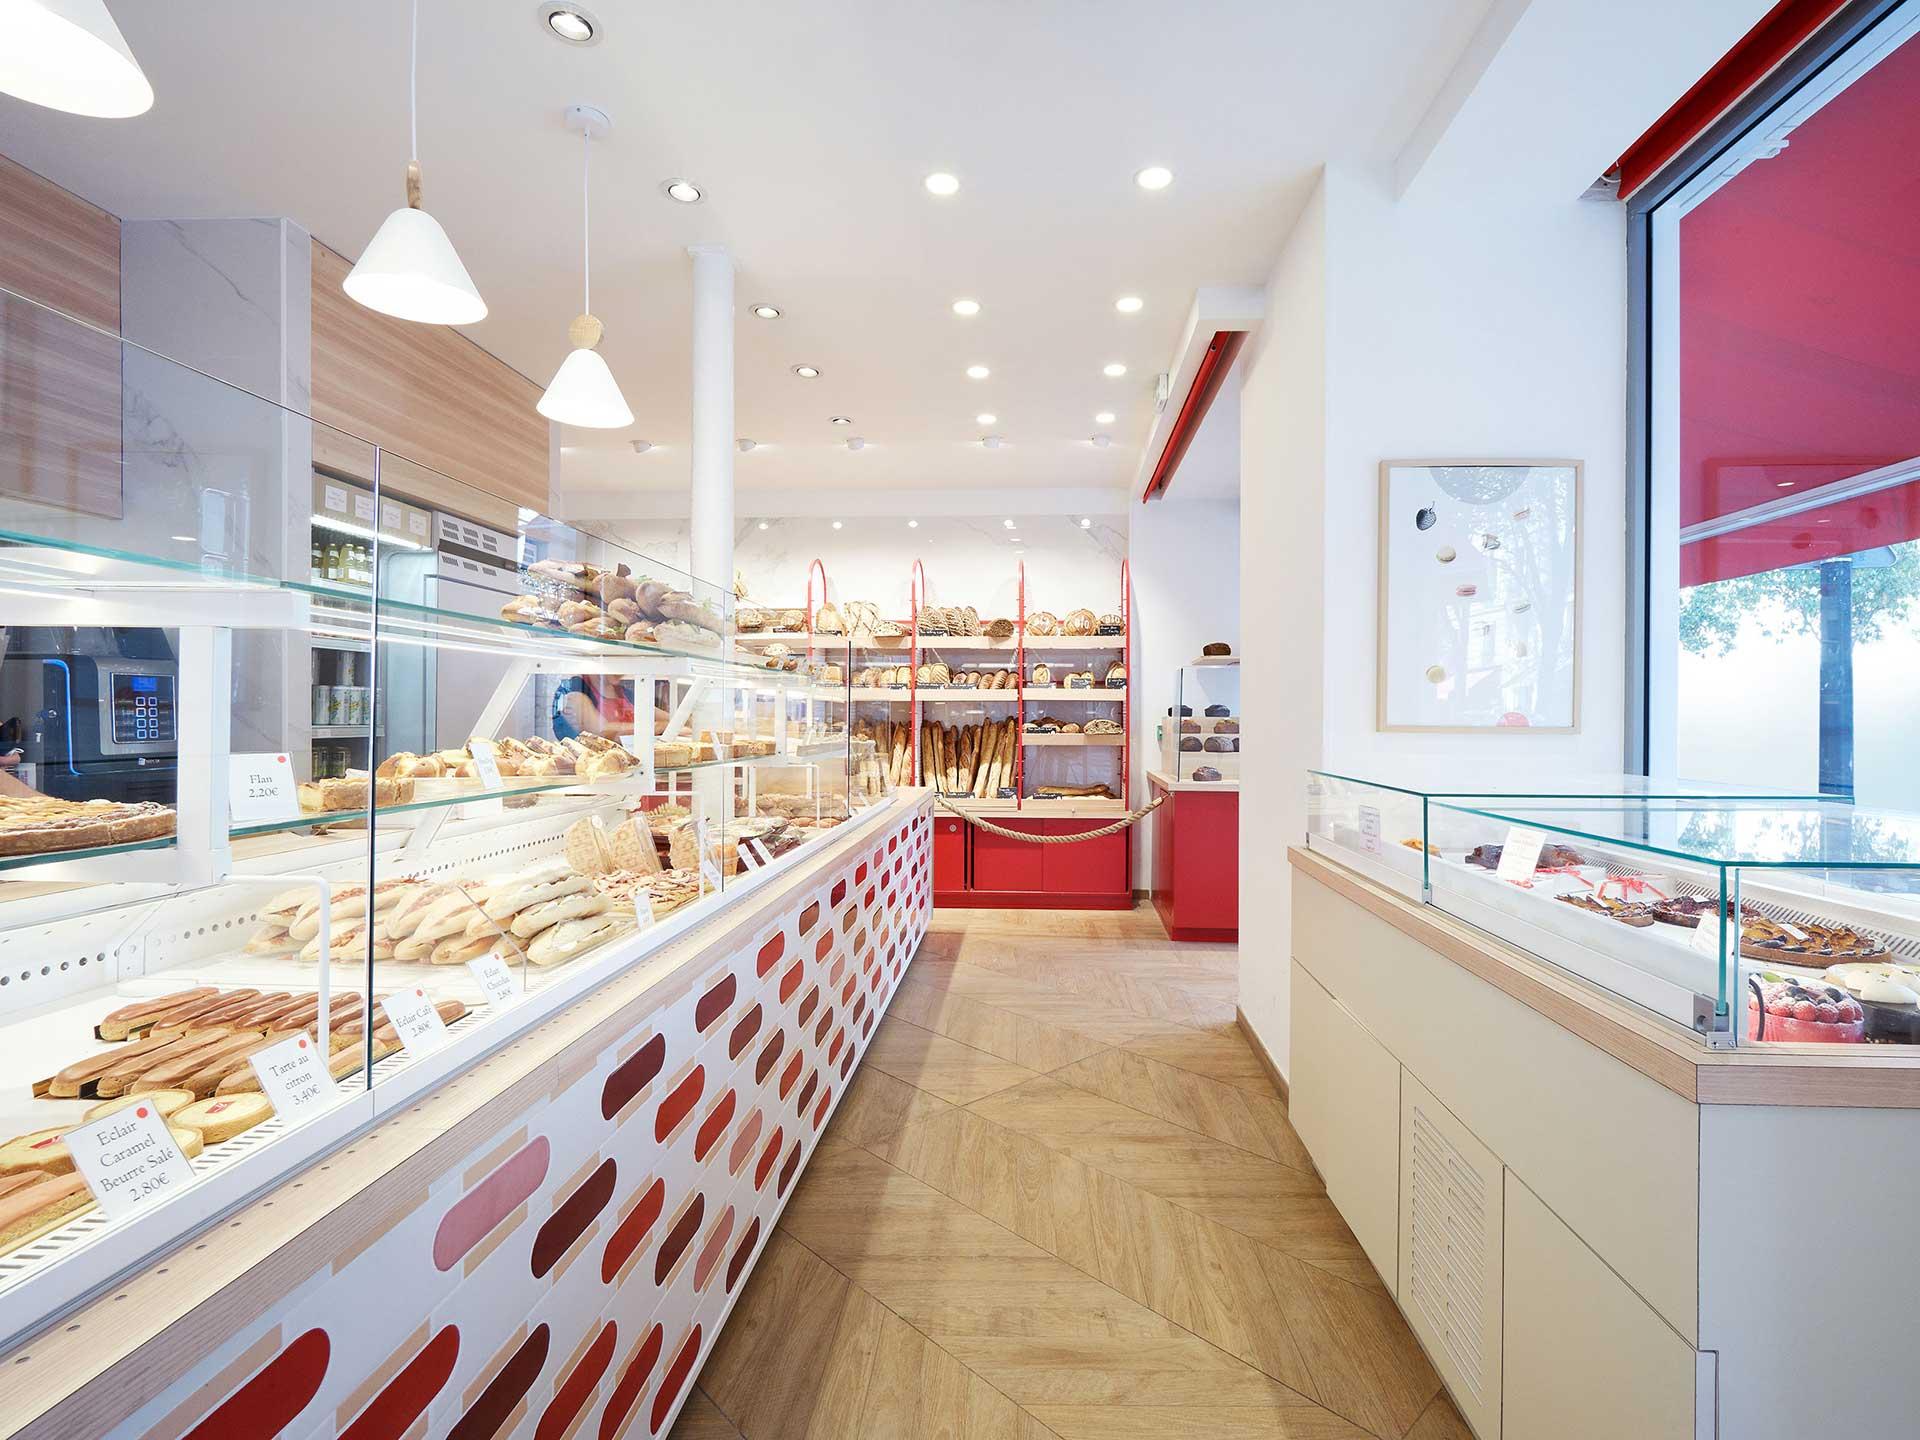 MKidees_Artisan-des-Gourmands002